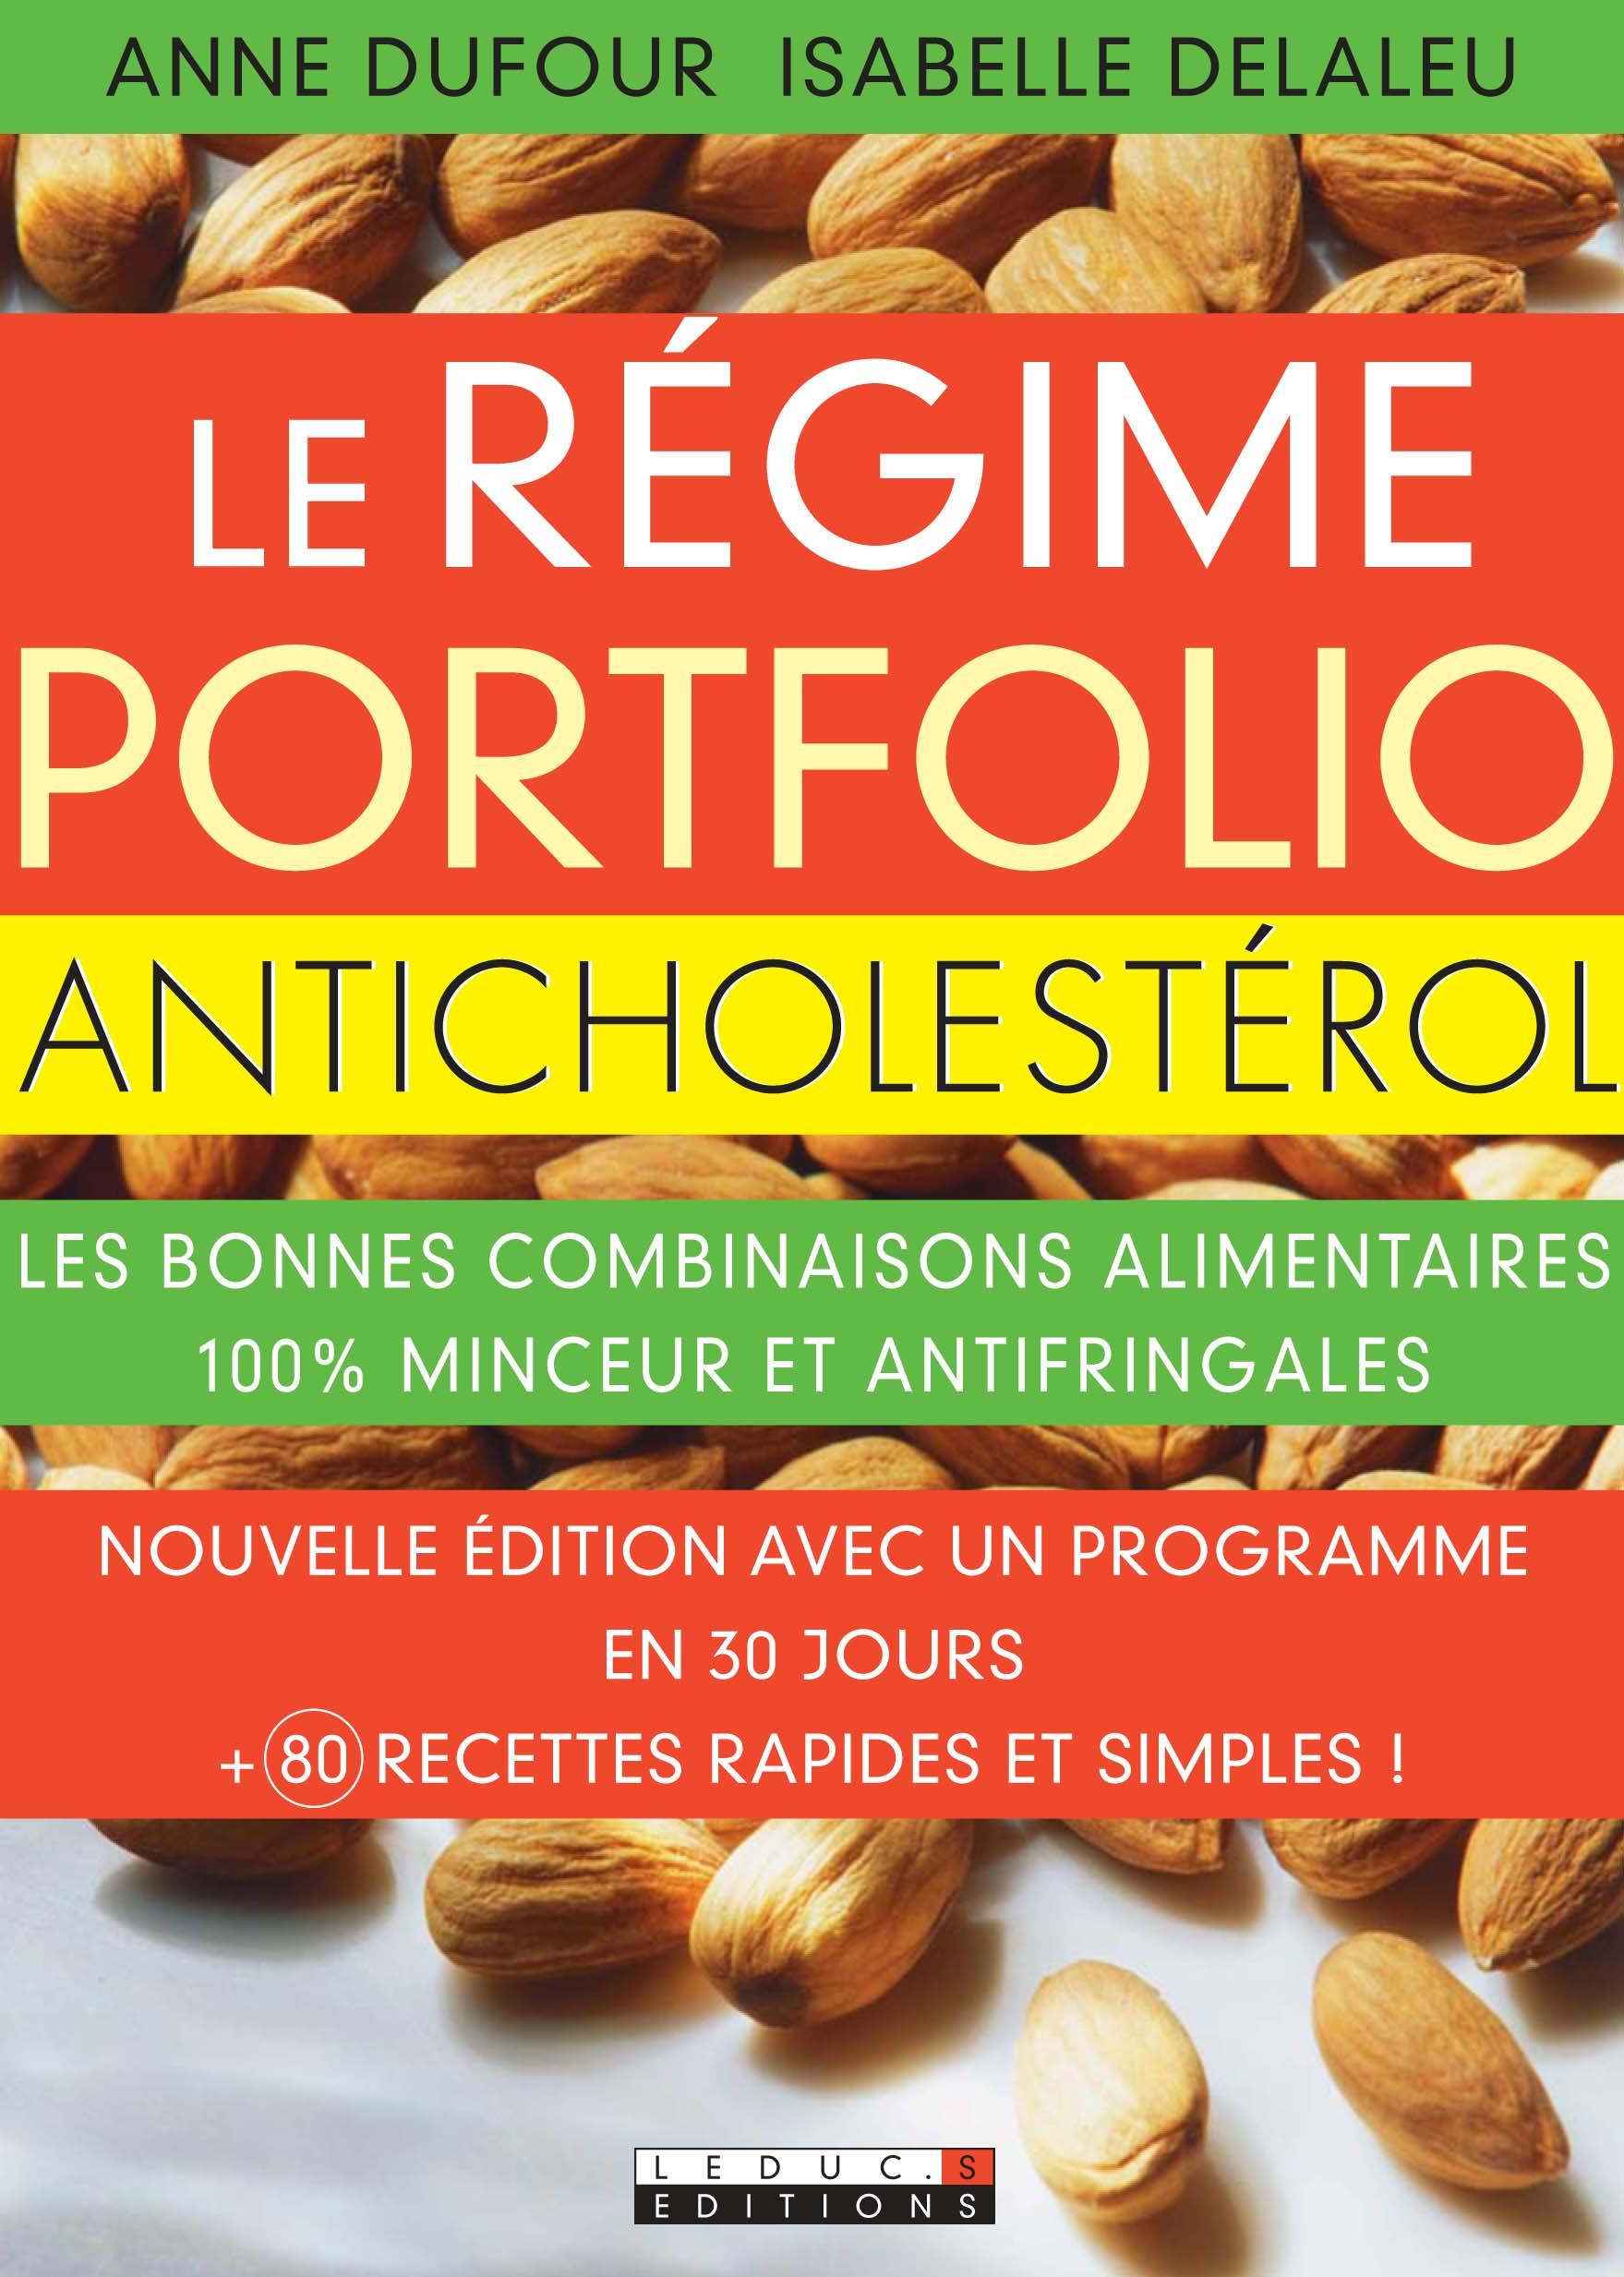 Le régime Portfolio anticholestérol - Les bonnes combinaisons alimentaires  100 % minceur et antifringales - Anne Dufour, Isabelle Delaleu (EAN13 ...